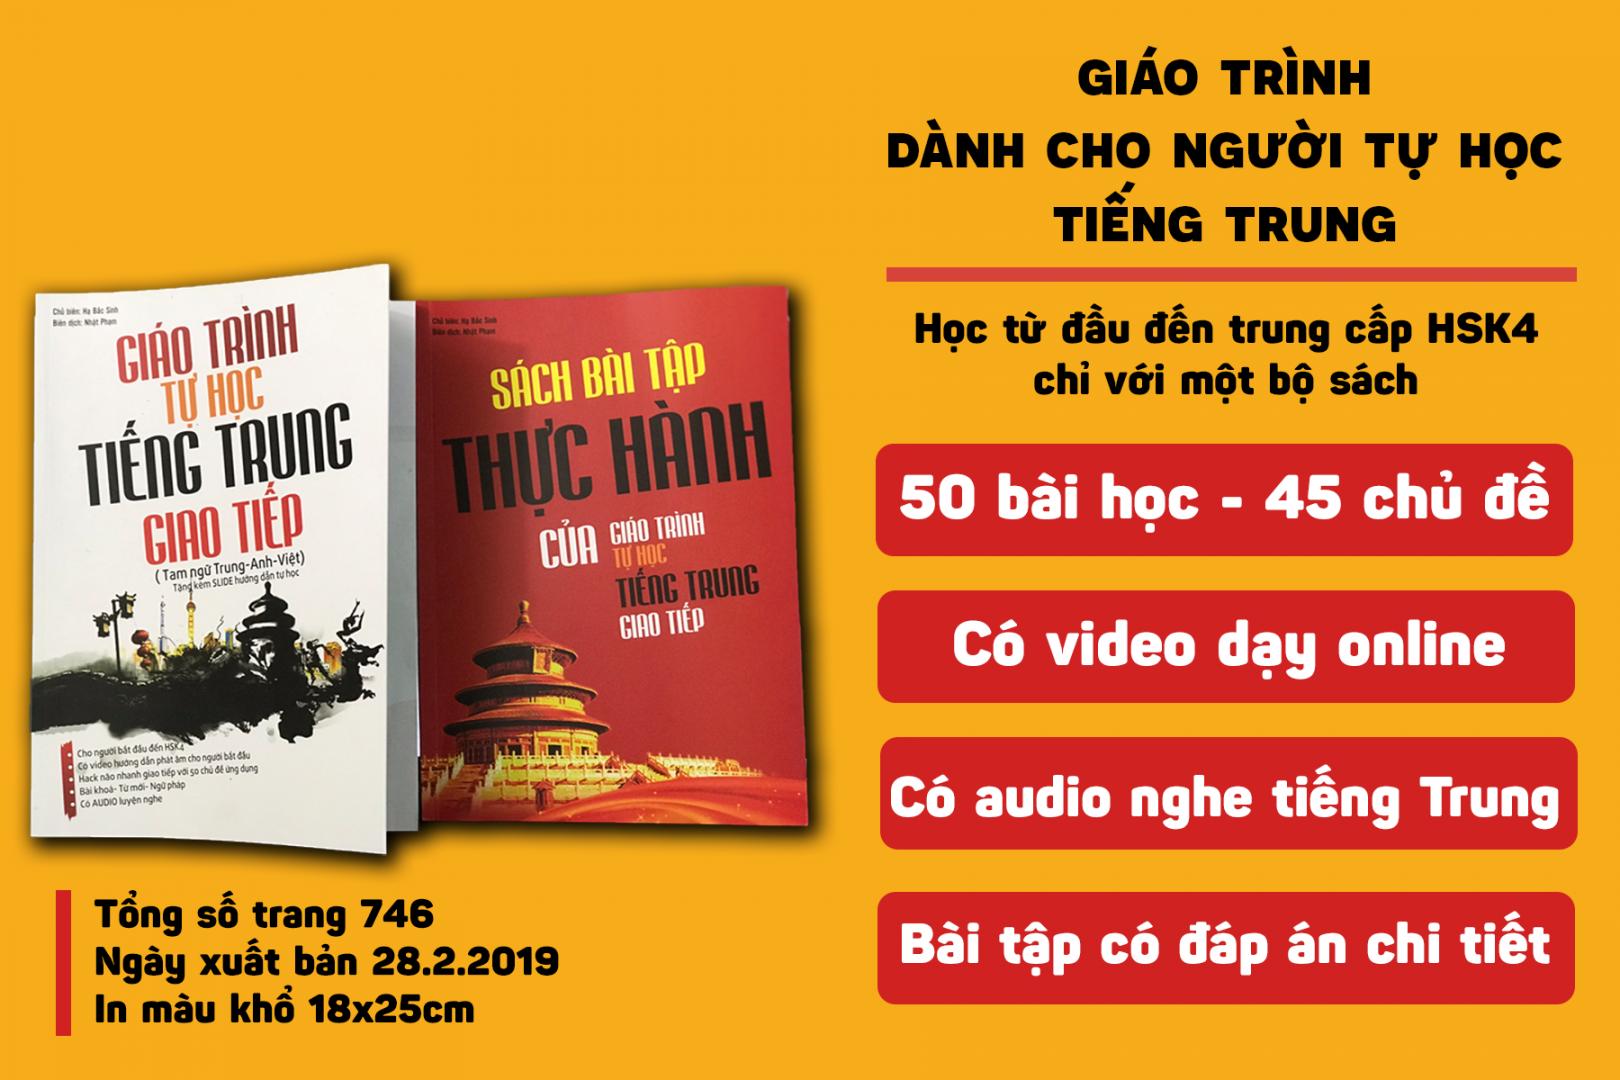 Combo - Giáo trình tự học tiếng Trung giao tiếp (1 bộ)